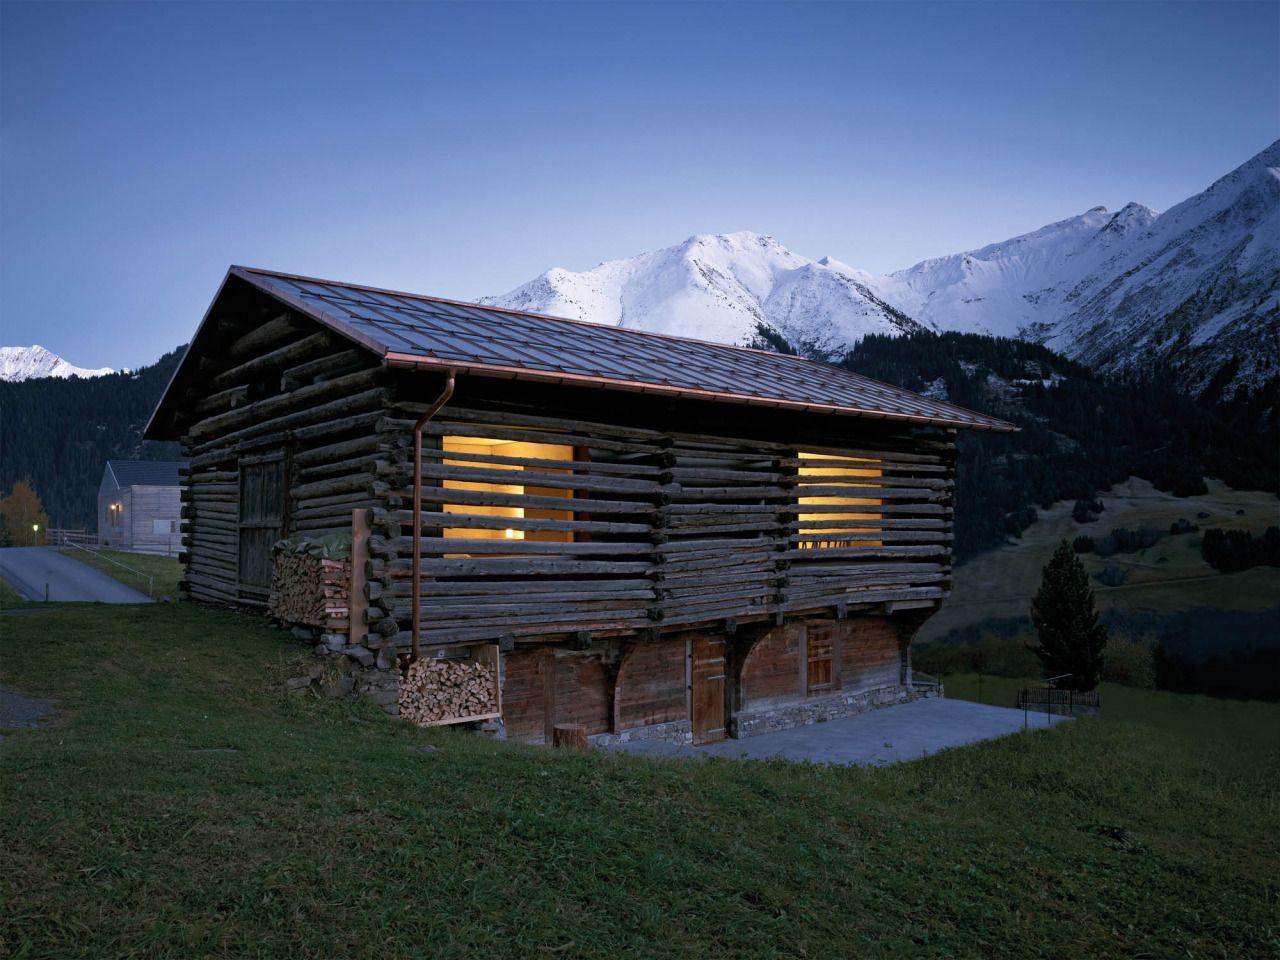 Порно домик в альпах